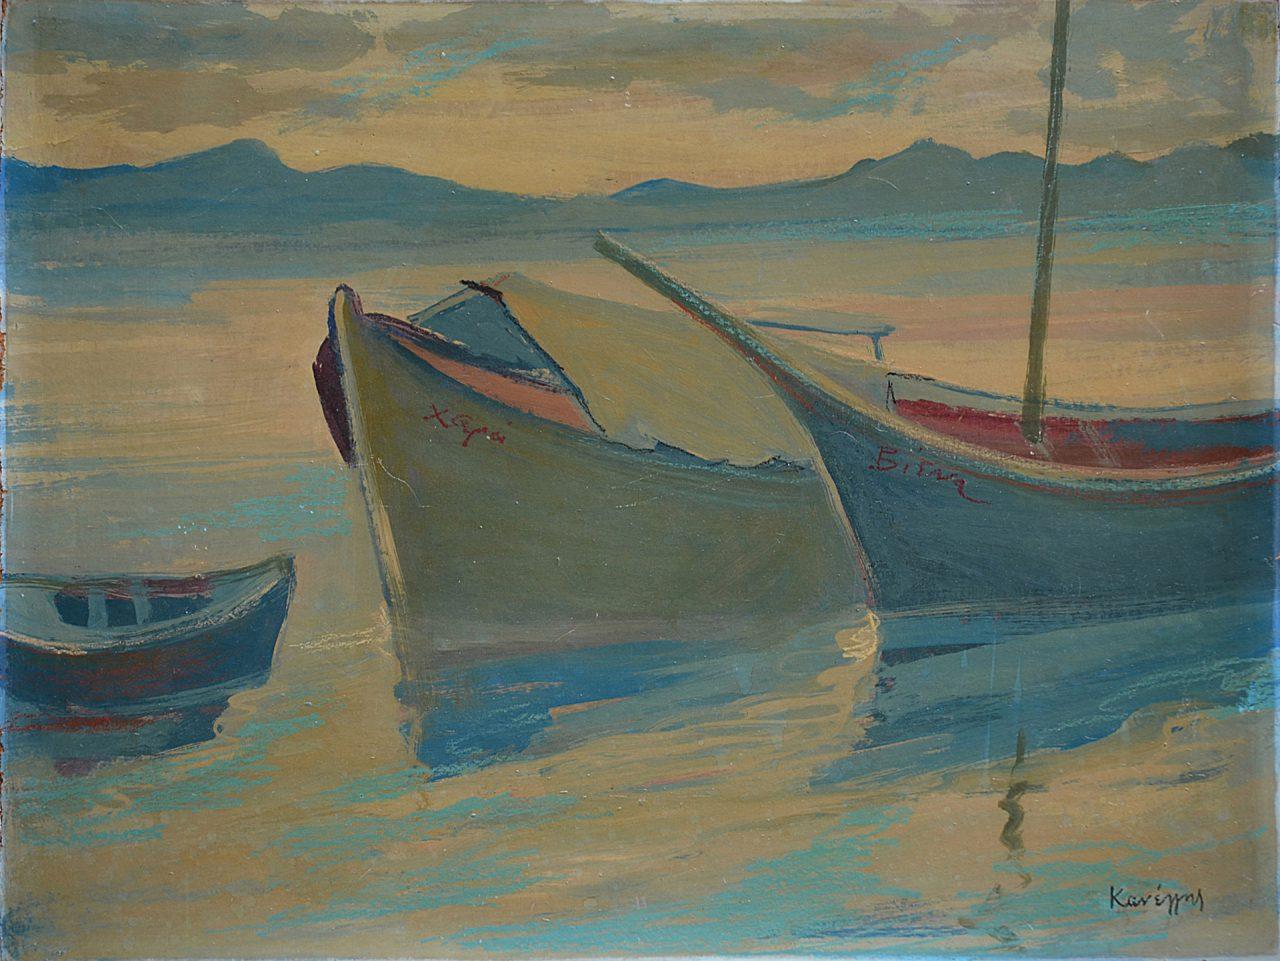 068. KANELLIS Orestes (1910-1979)